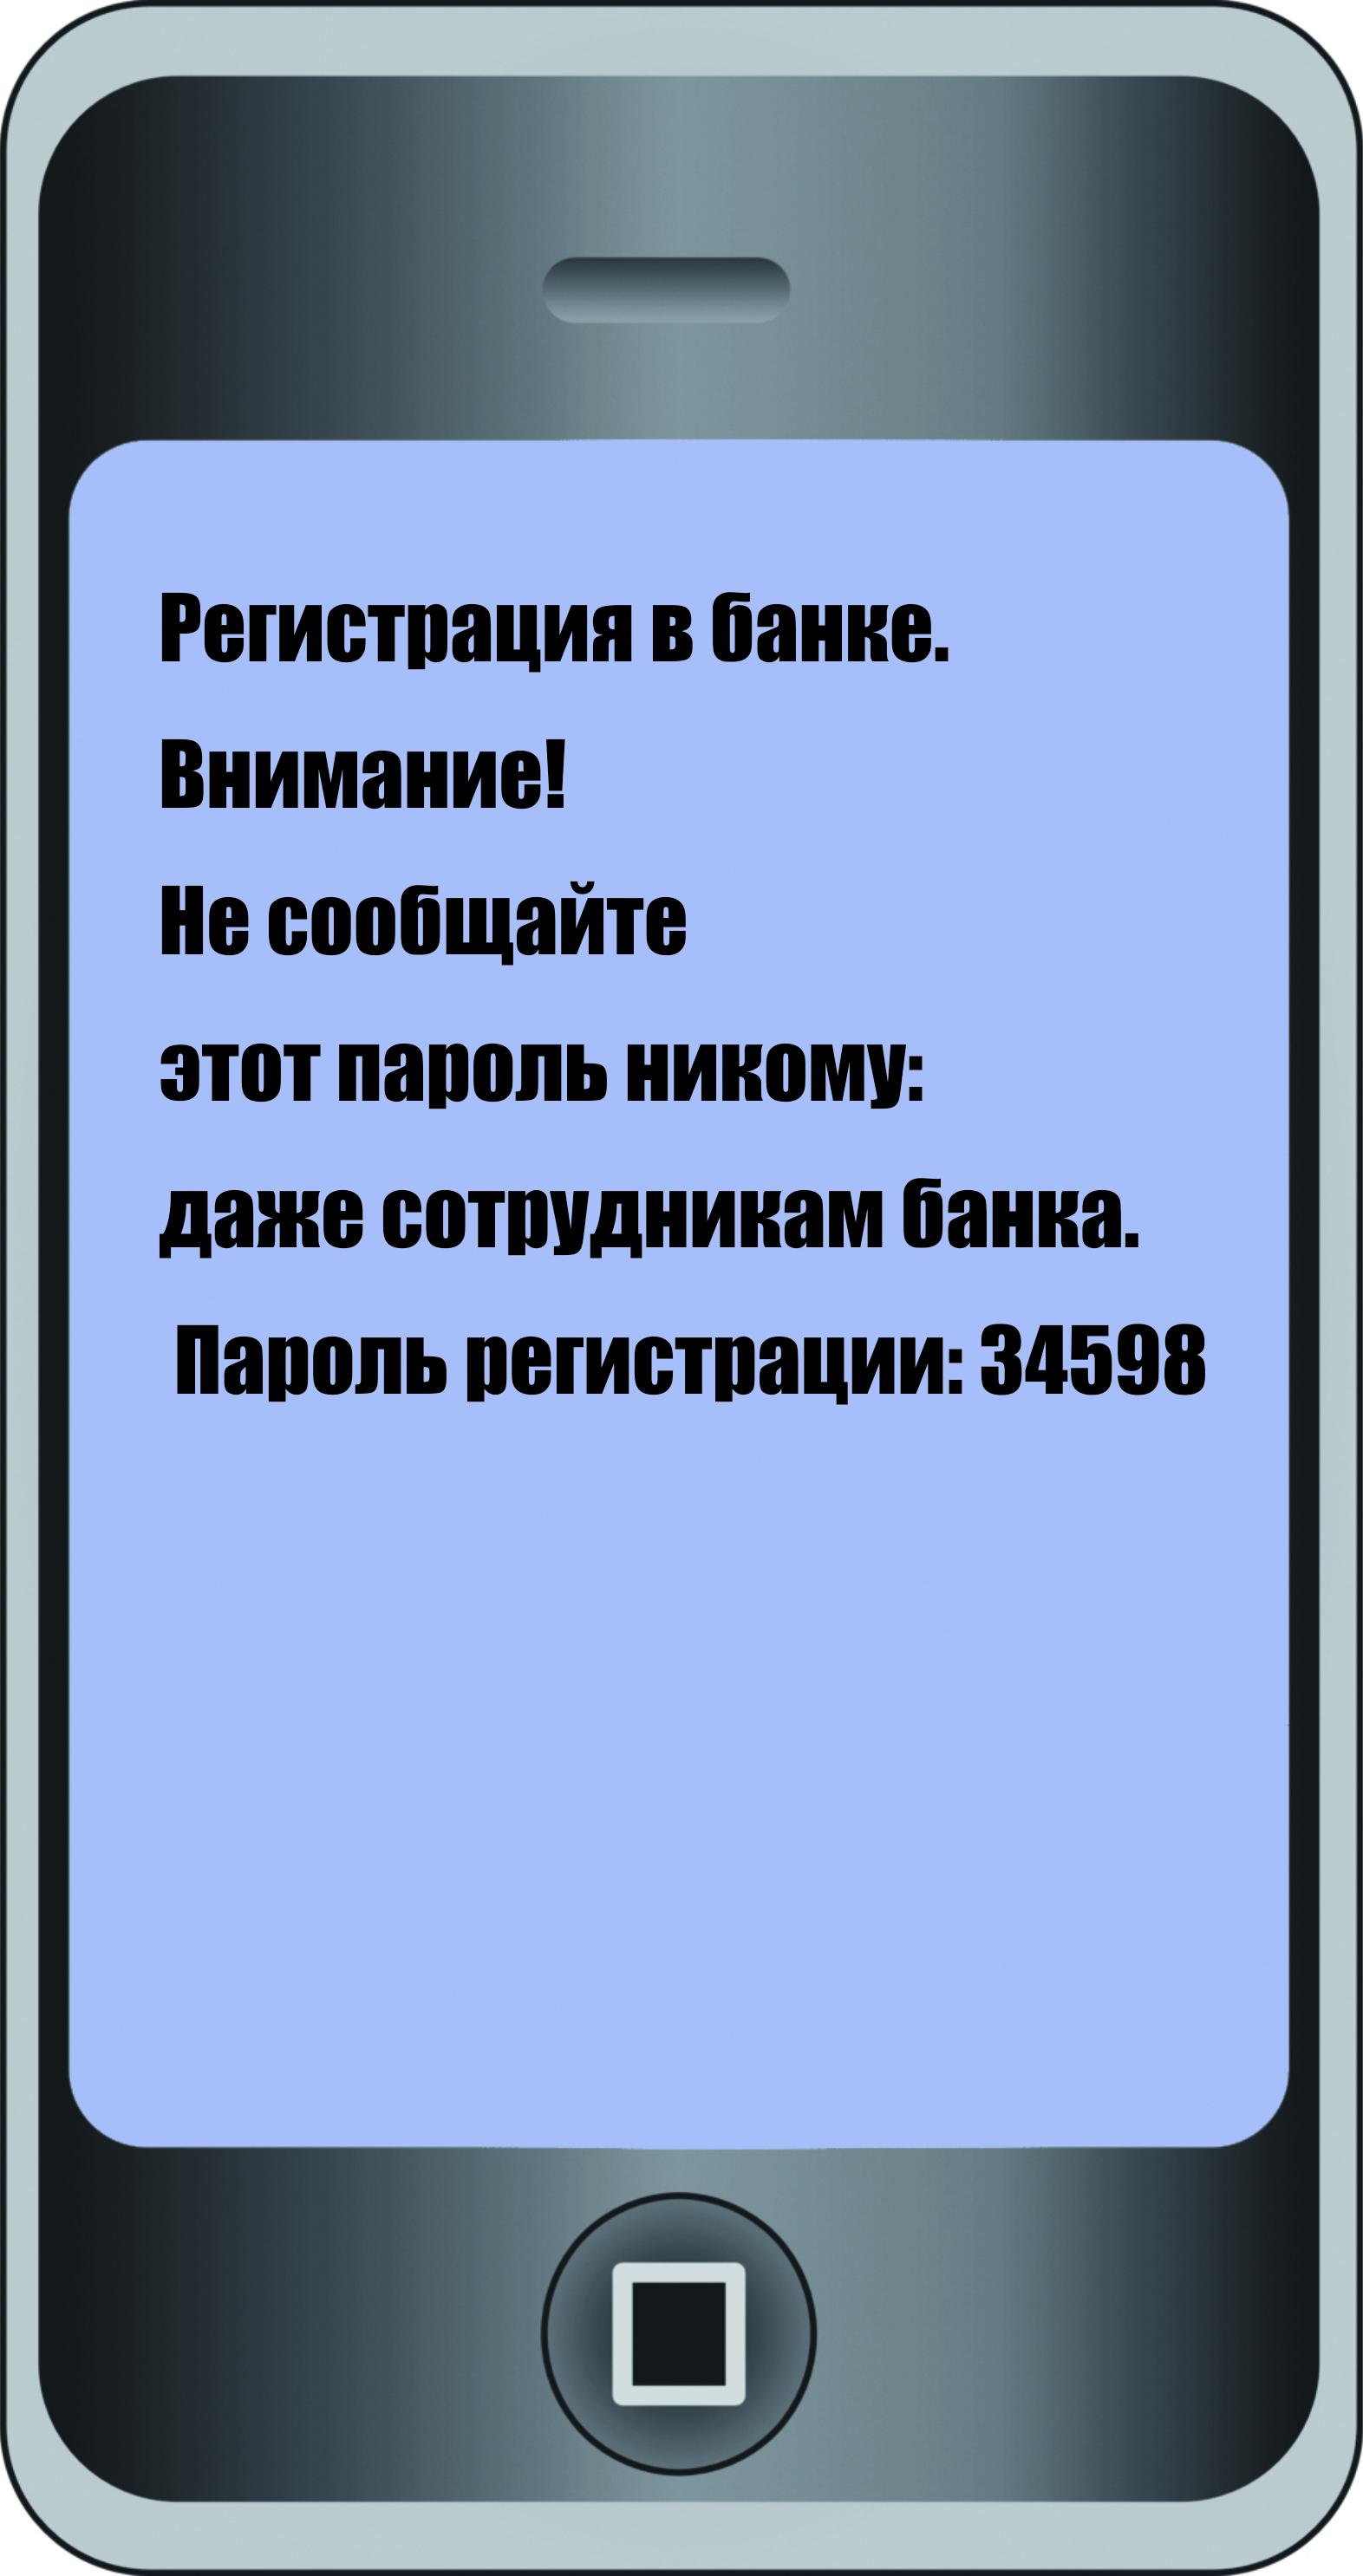 банк национальный стандарт официальный сайт личный кабинет как заполнить заявку на кредитную карту альфа банка 100 дней без процентов для крымчан